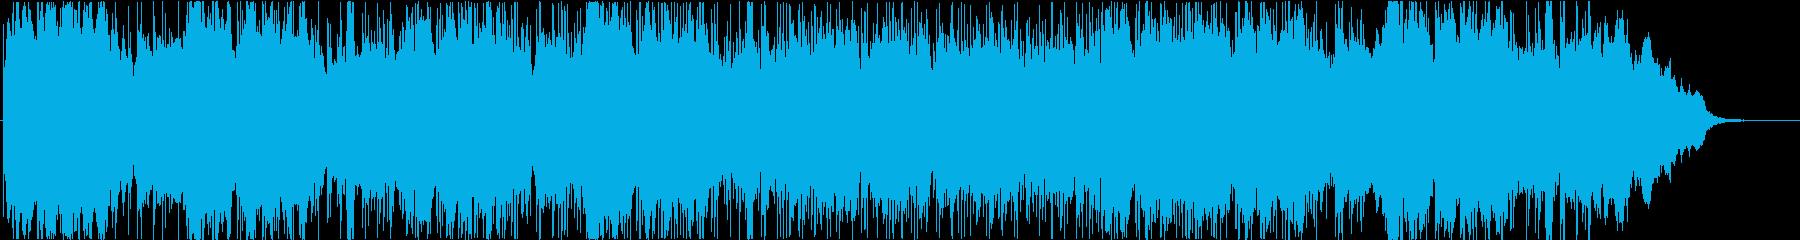 アンビエント 企業イメージ エーテ...の再生済みの波形